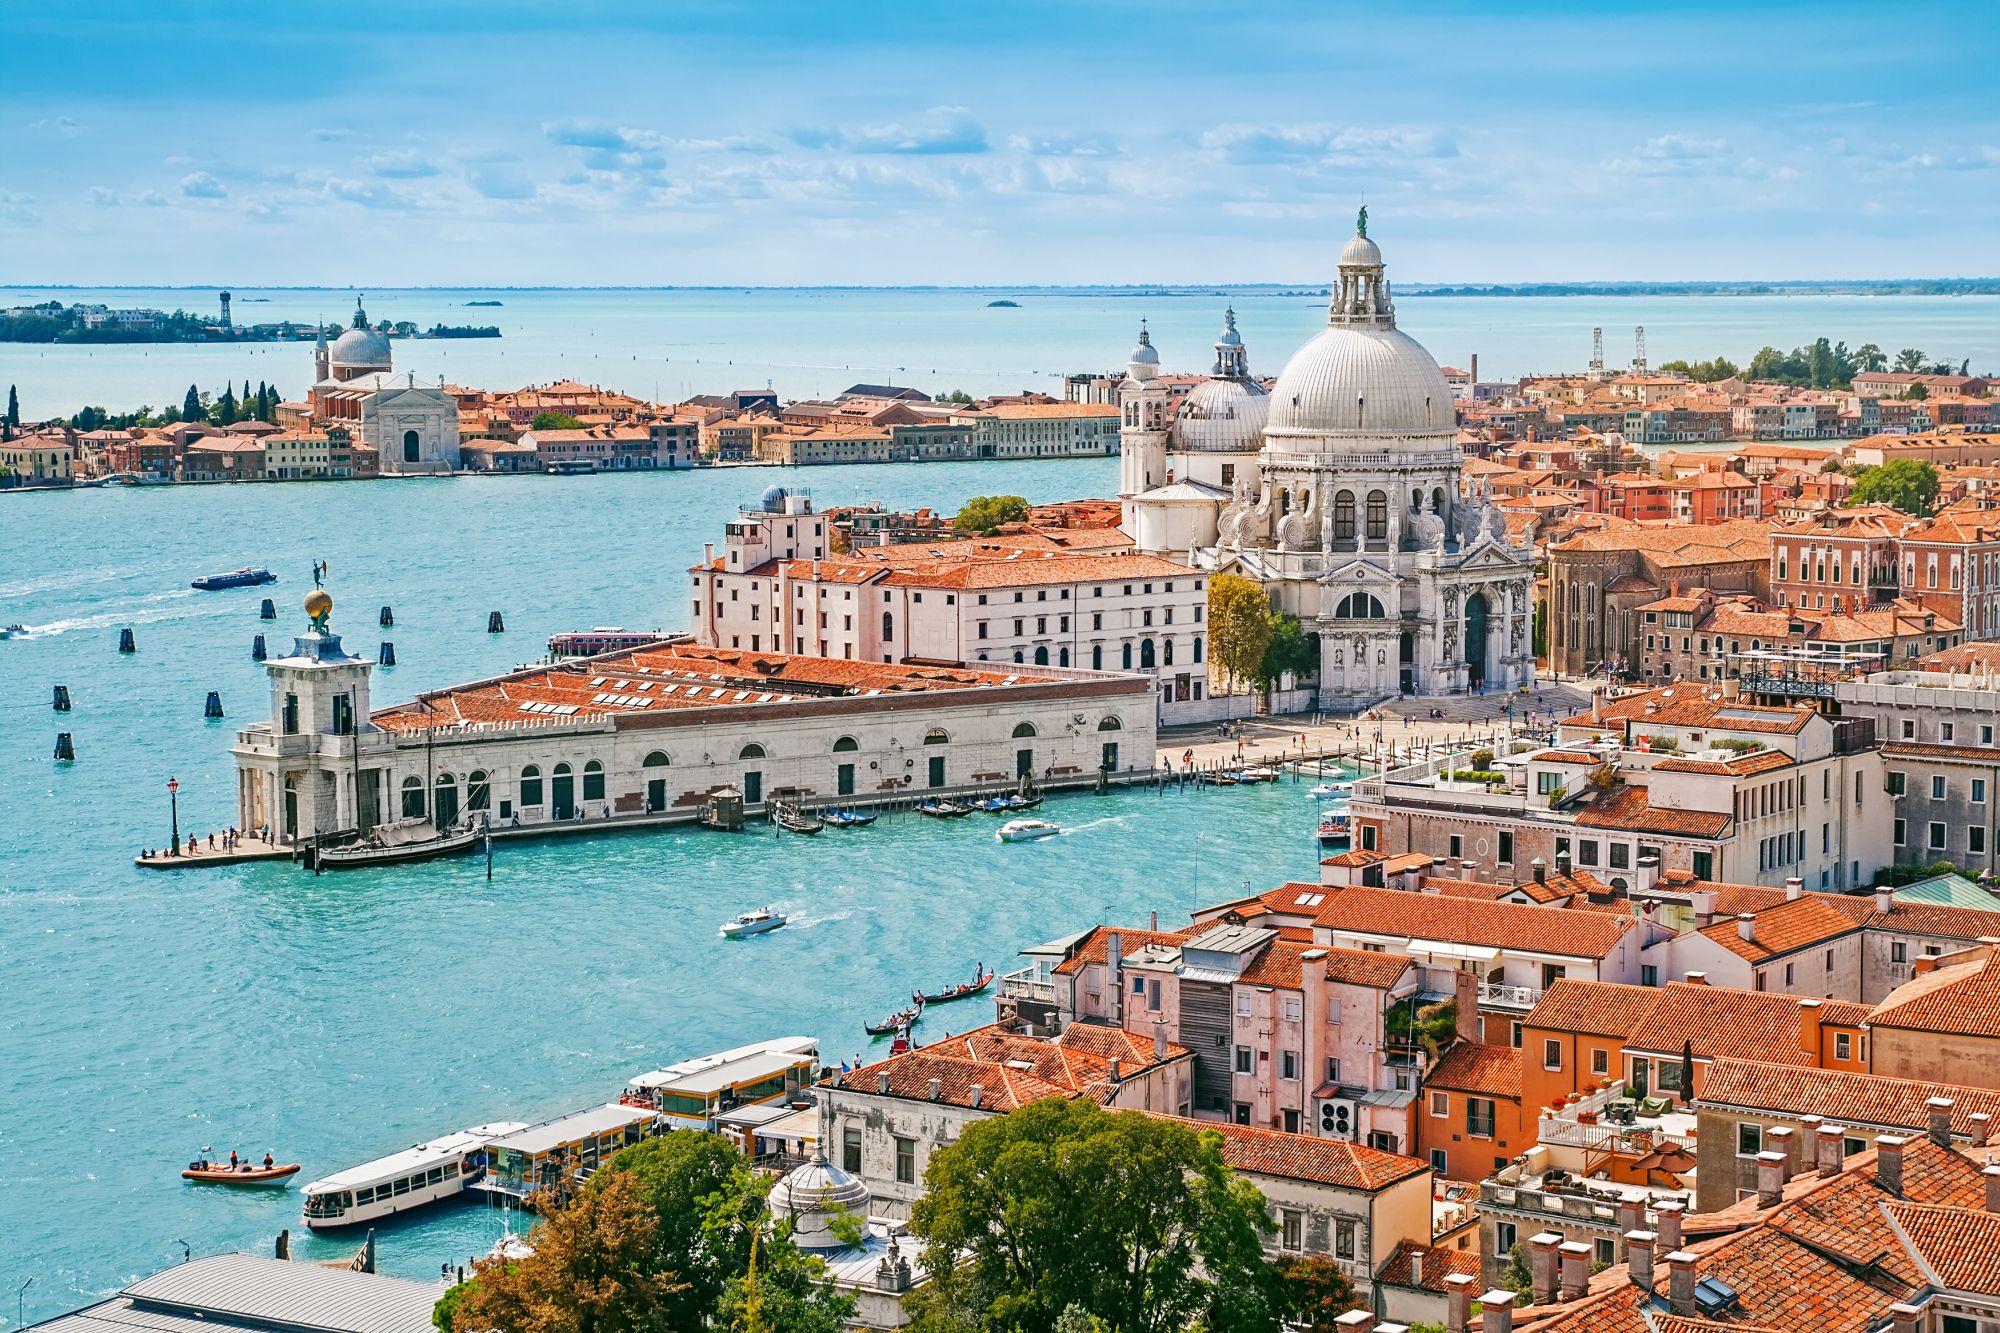 Wenecja widok